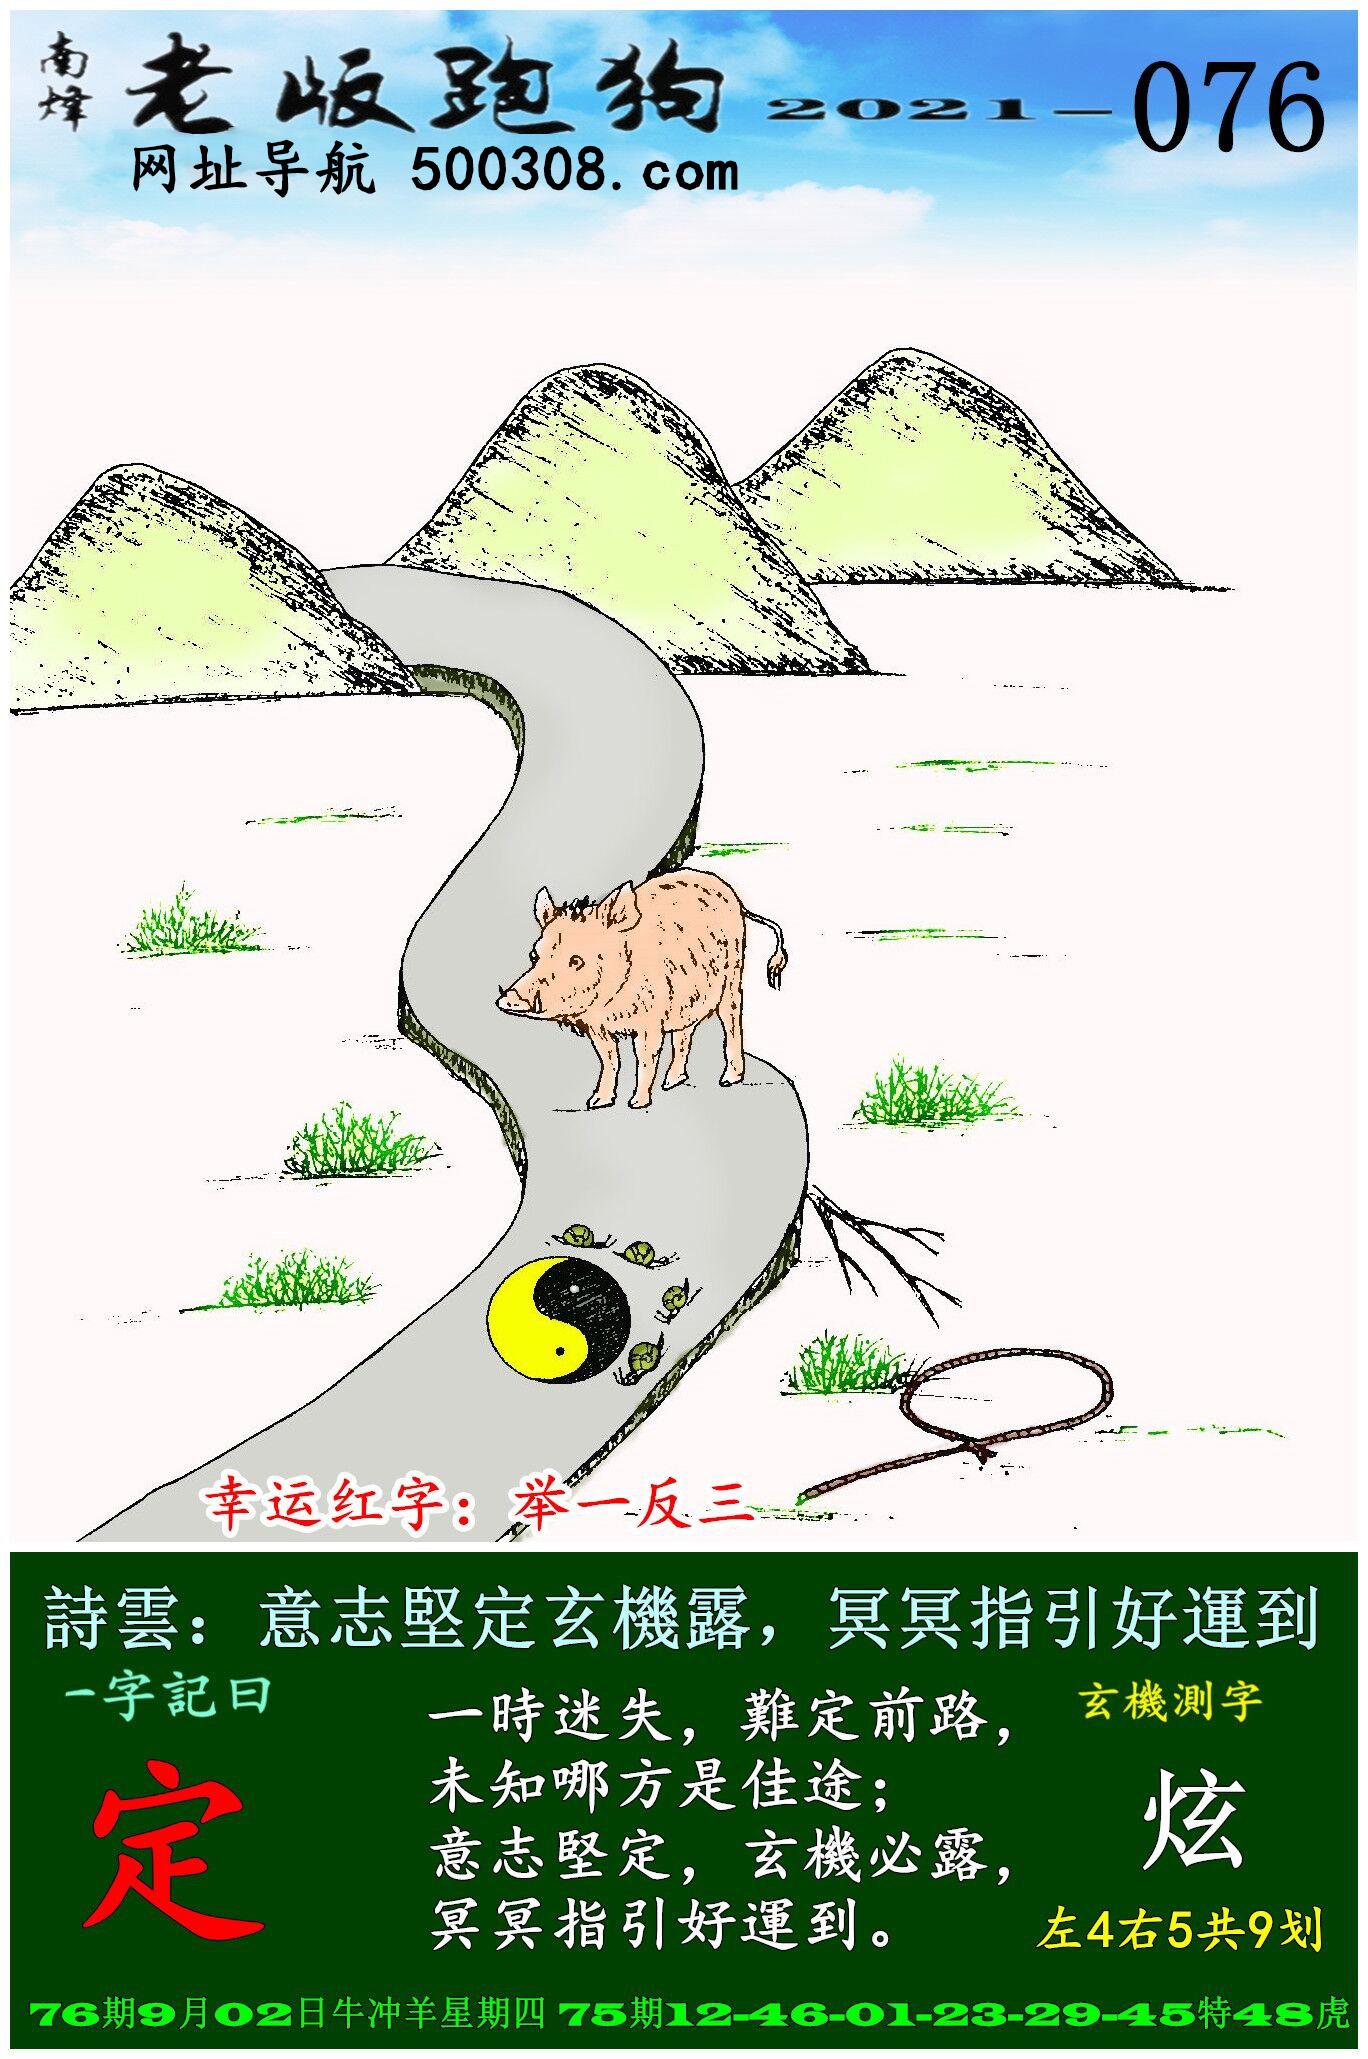 076期老版跑狗一字�之曰:【定】 ��:意志�远ㄐ��C露,冥冥指引好�\到。